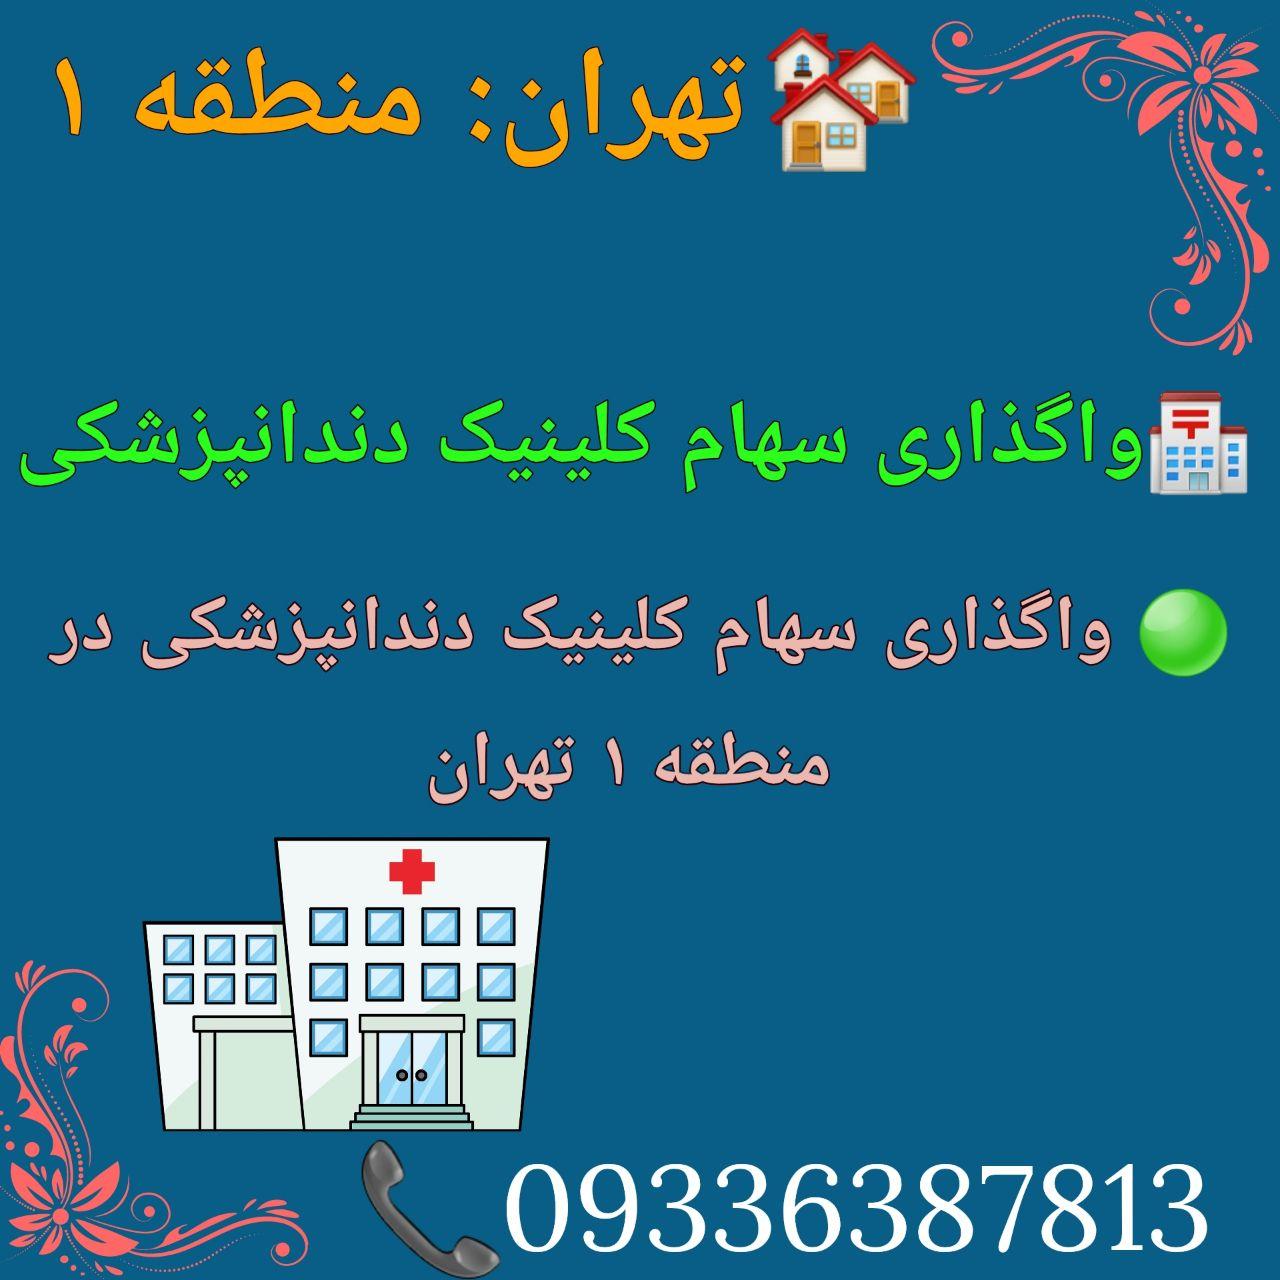 تهران: منطقه ۱، واگذاری سهام کلینیک دندانپزشکی